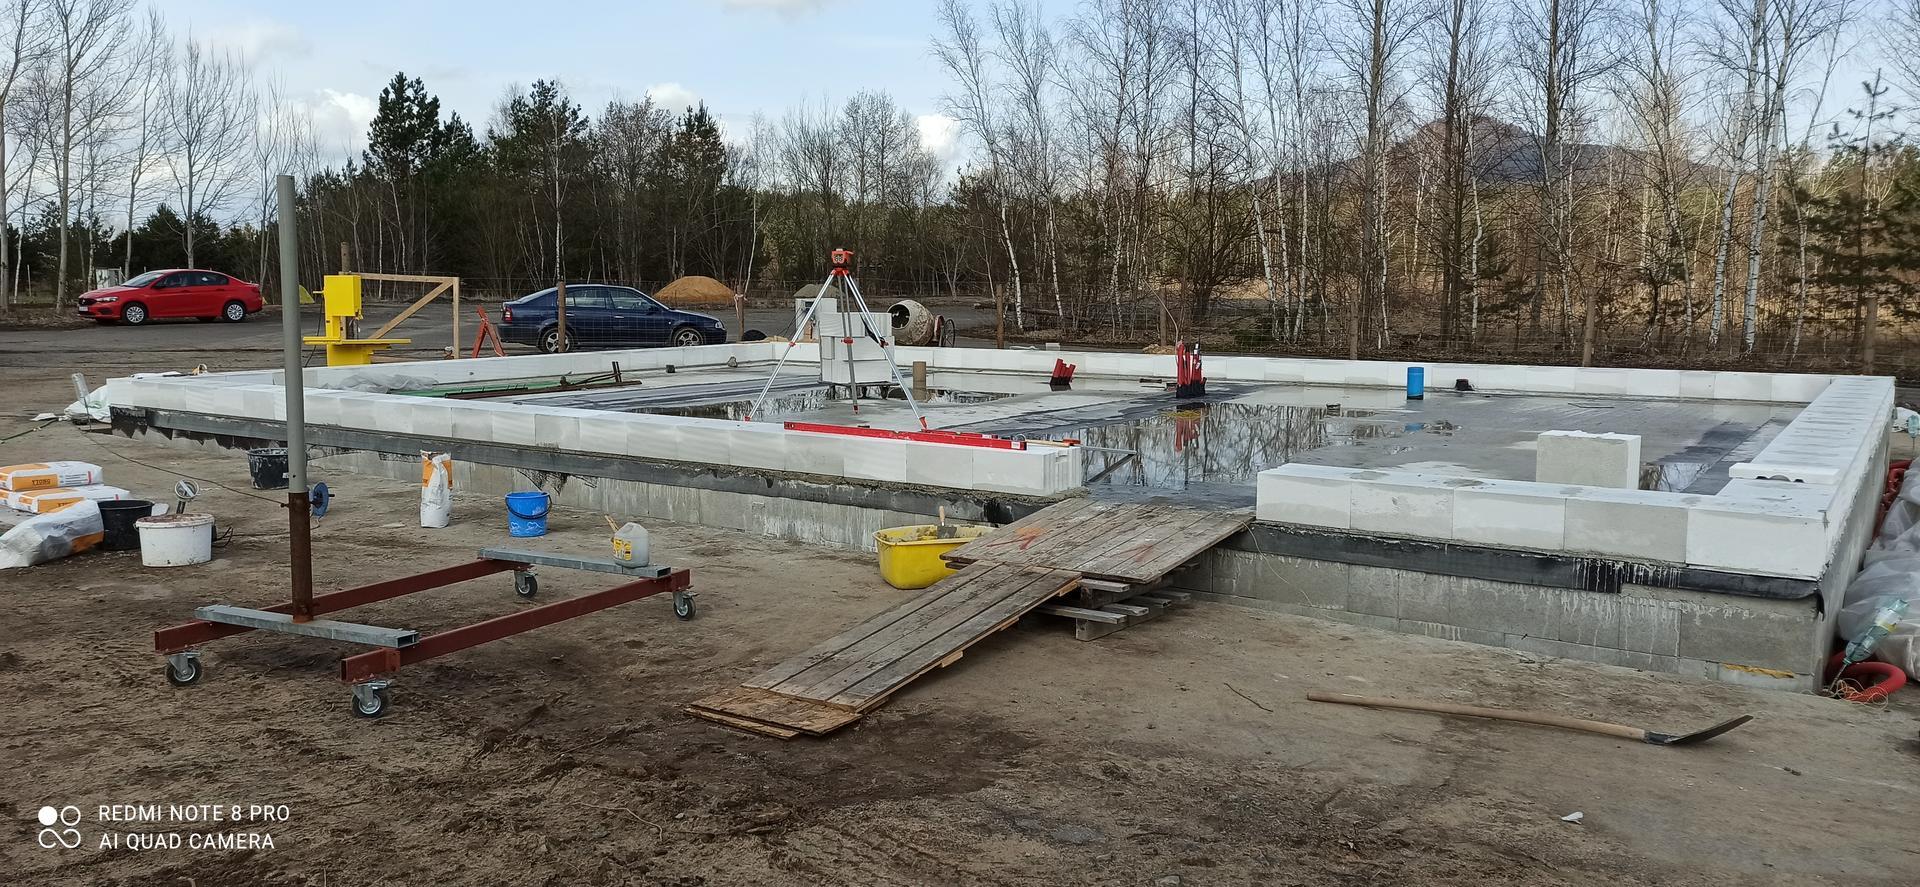 Hrubá stavba - Obvod založený jen vynechaná mezera kvůli navážení materiálu a také odvod vody.